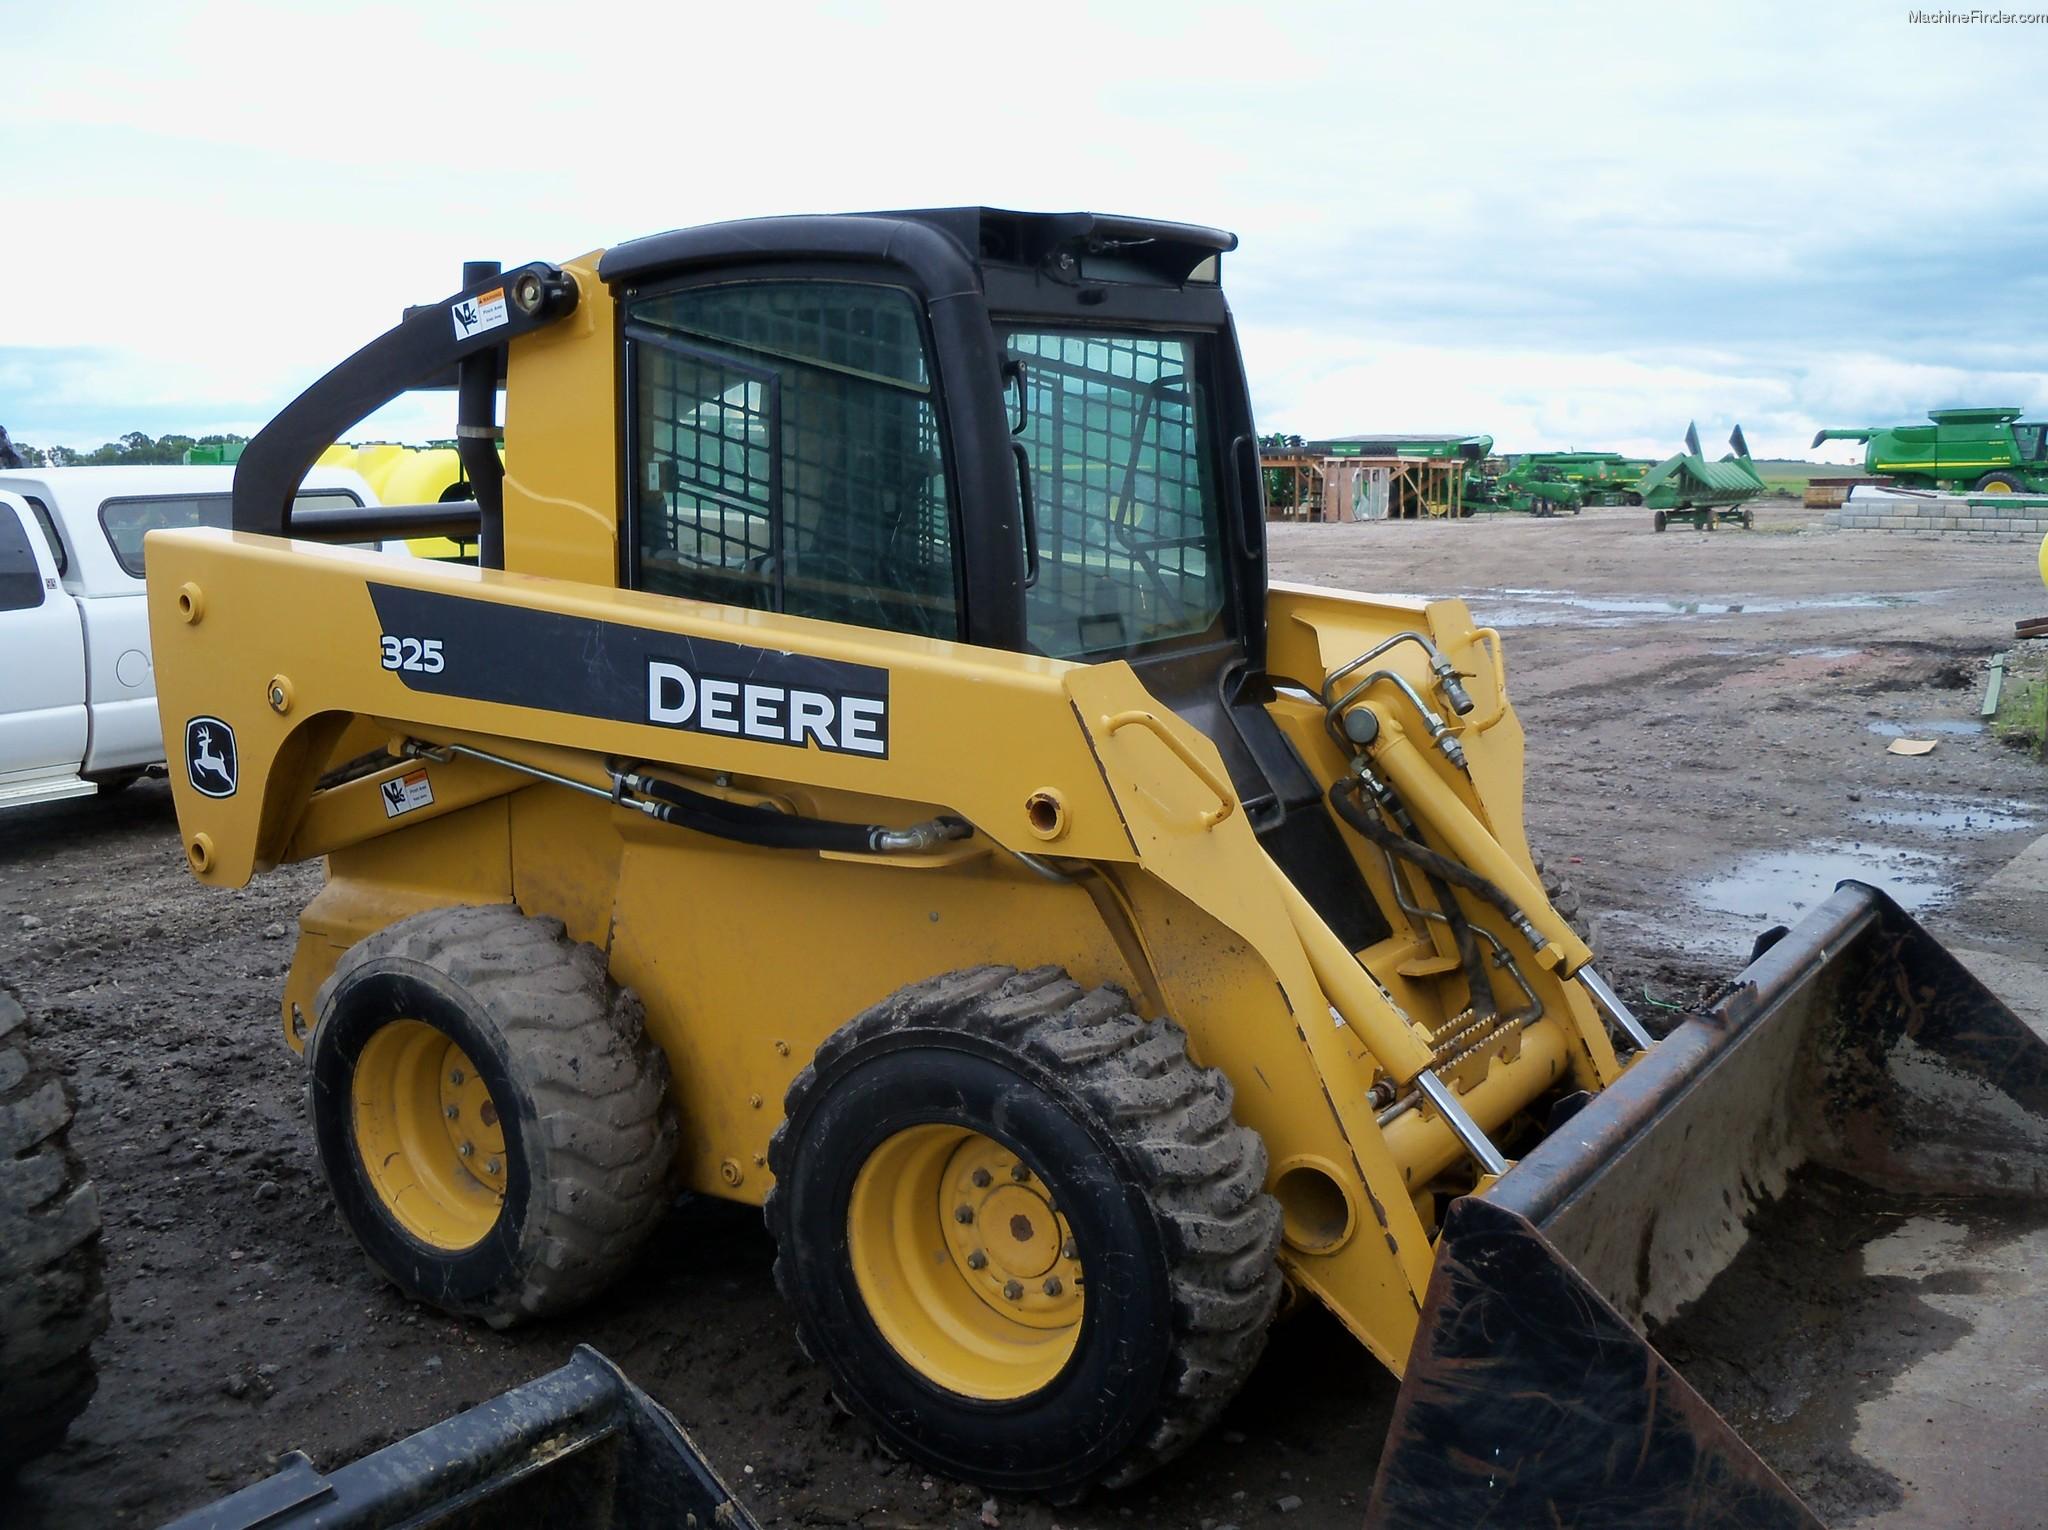 John Deere 325 Skid Steer Repair Manual